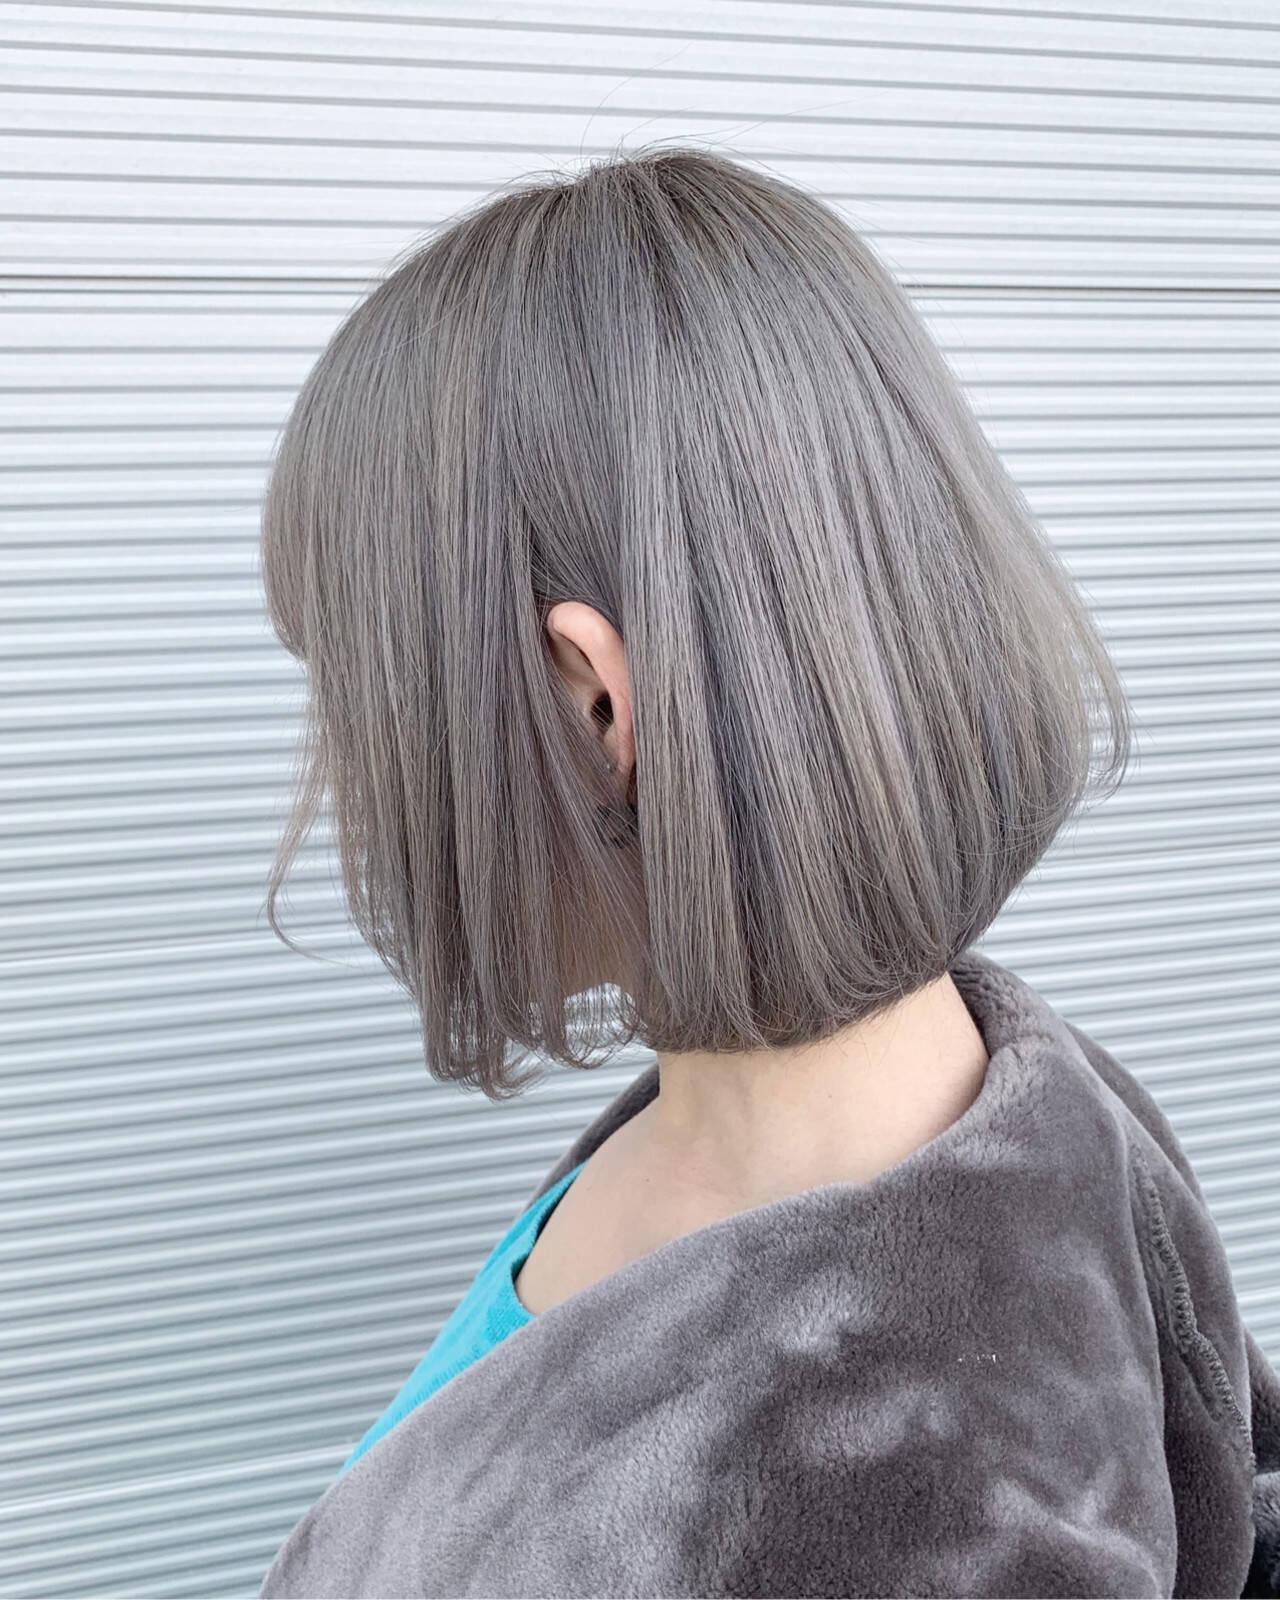 モード ボブ ホワイトシルバー シルバーアッシュヘアスタイルや髪型の写真・画像